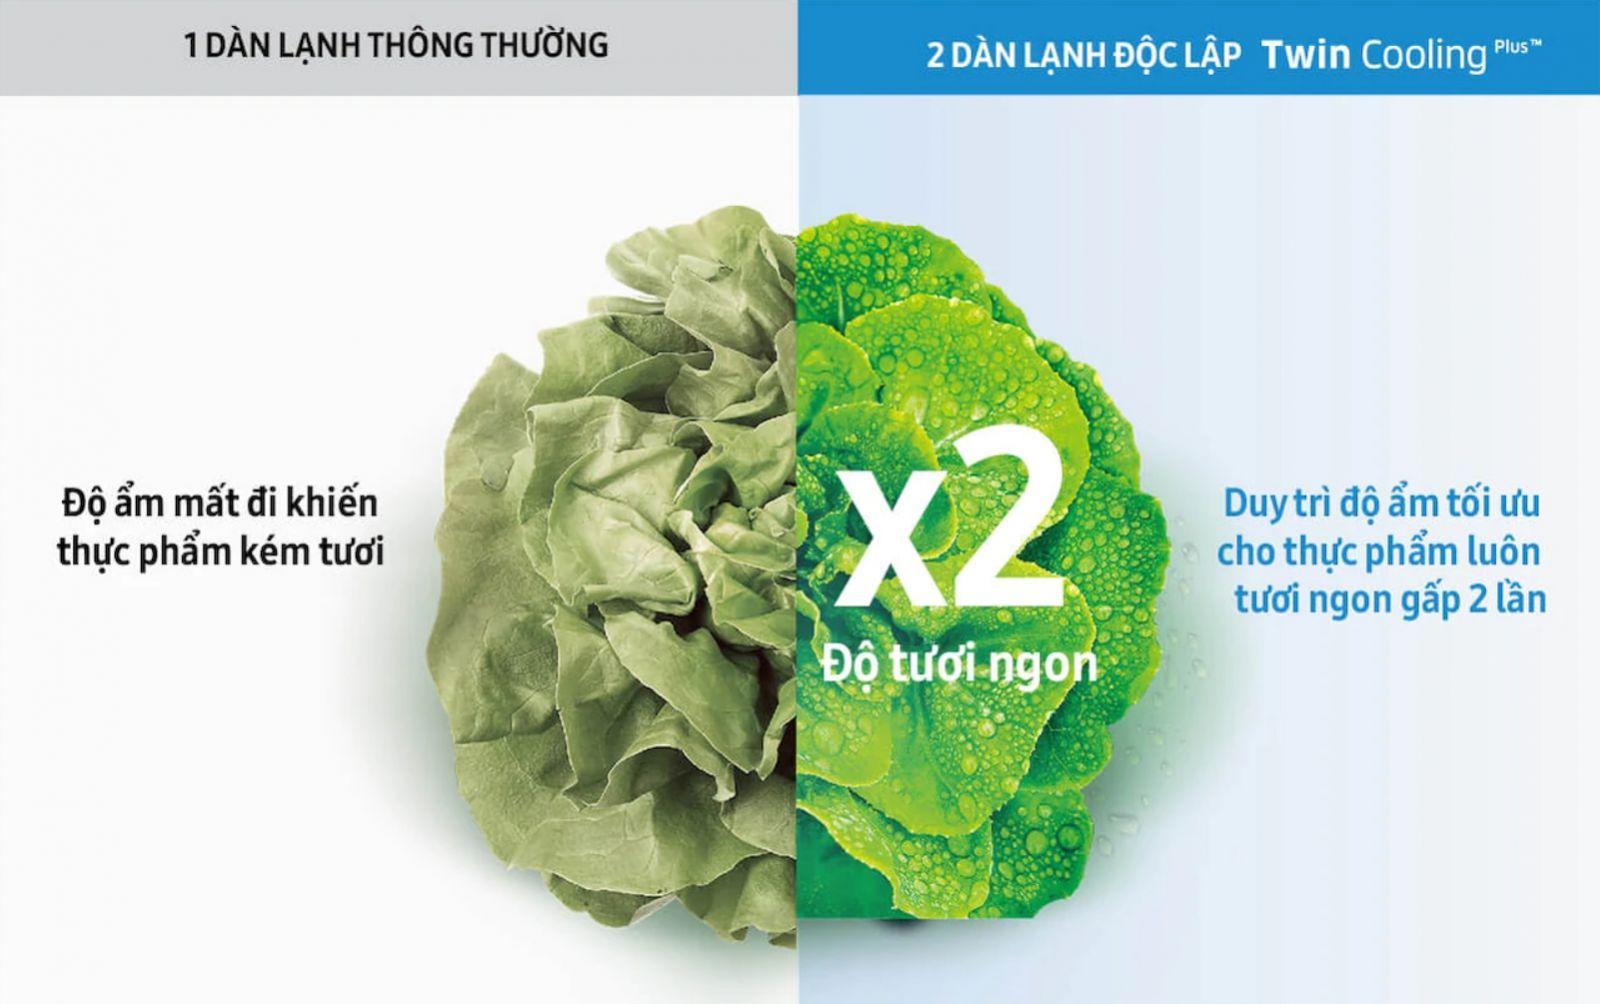 Tủ lạnh Samsung Inverter 360 lít RT35K5982S8 thực phẩm tươi ngon gấp 2 lần